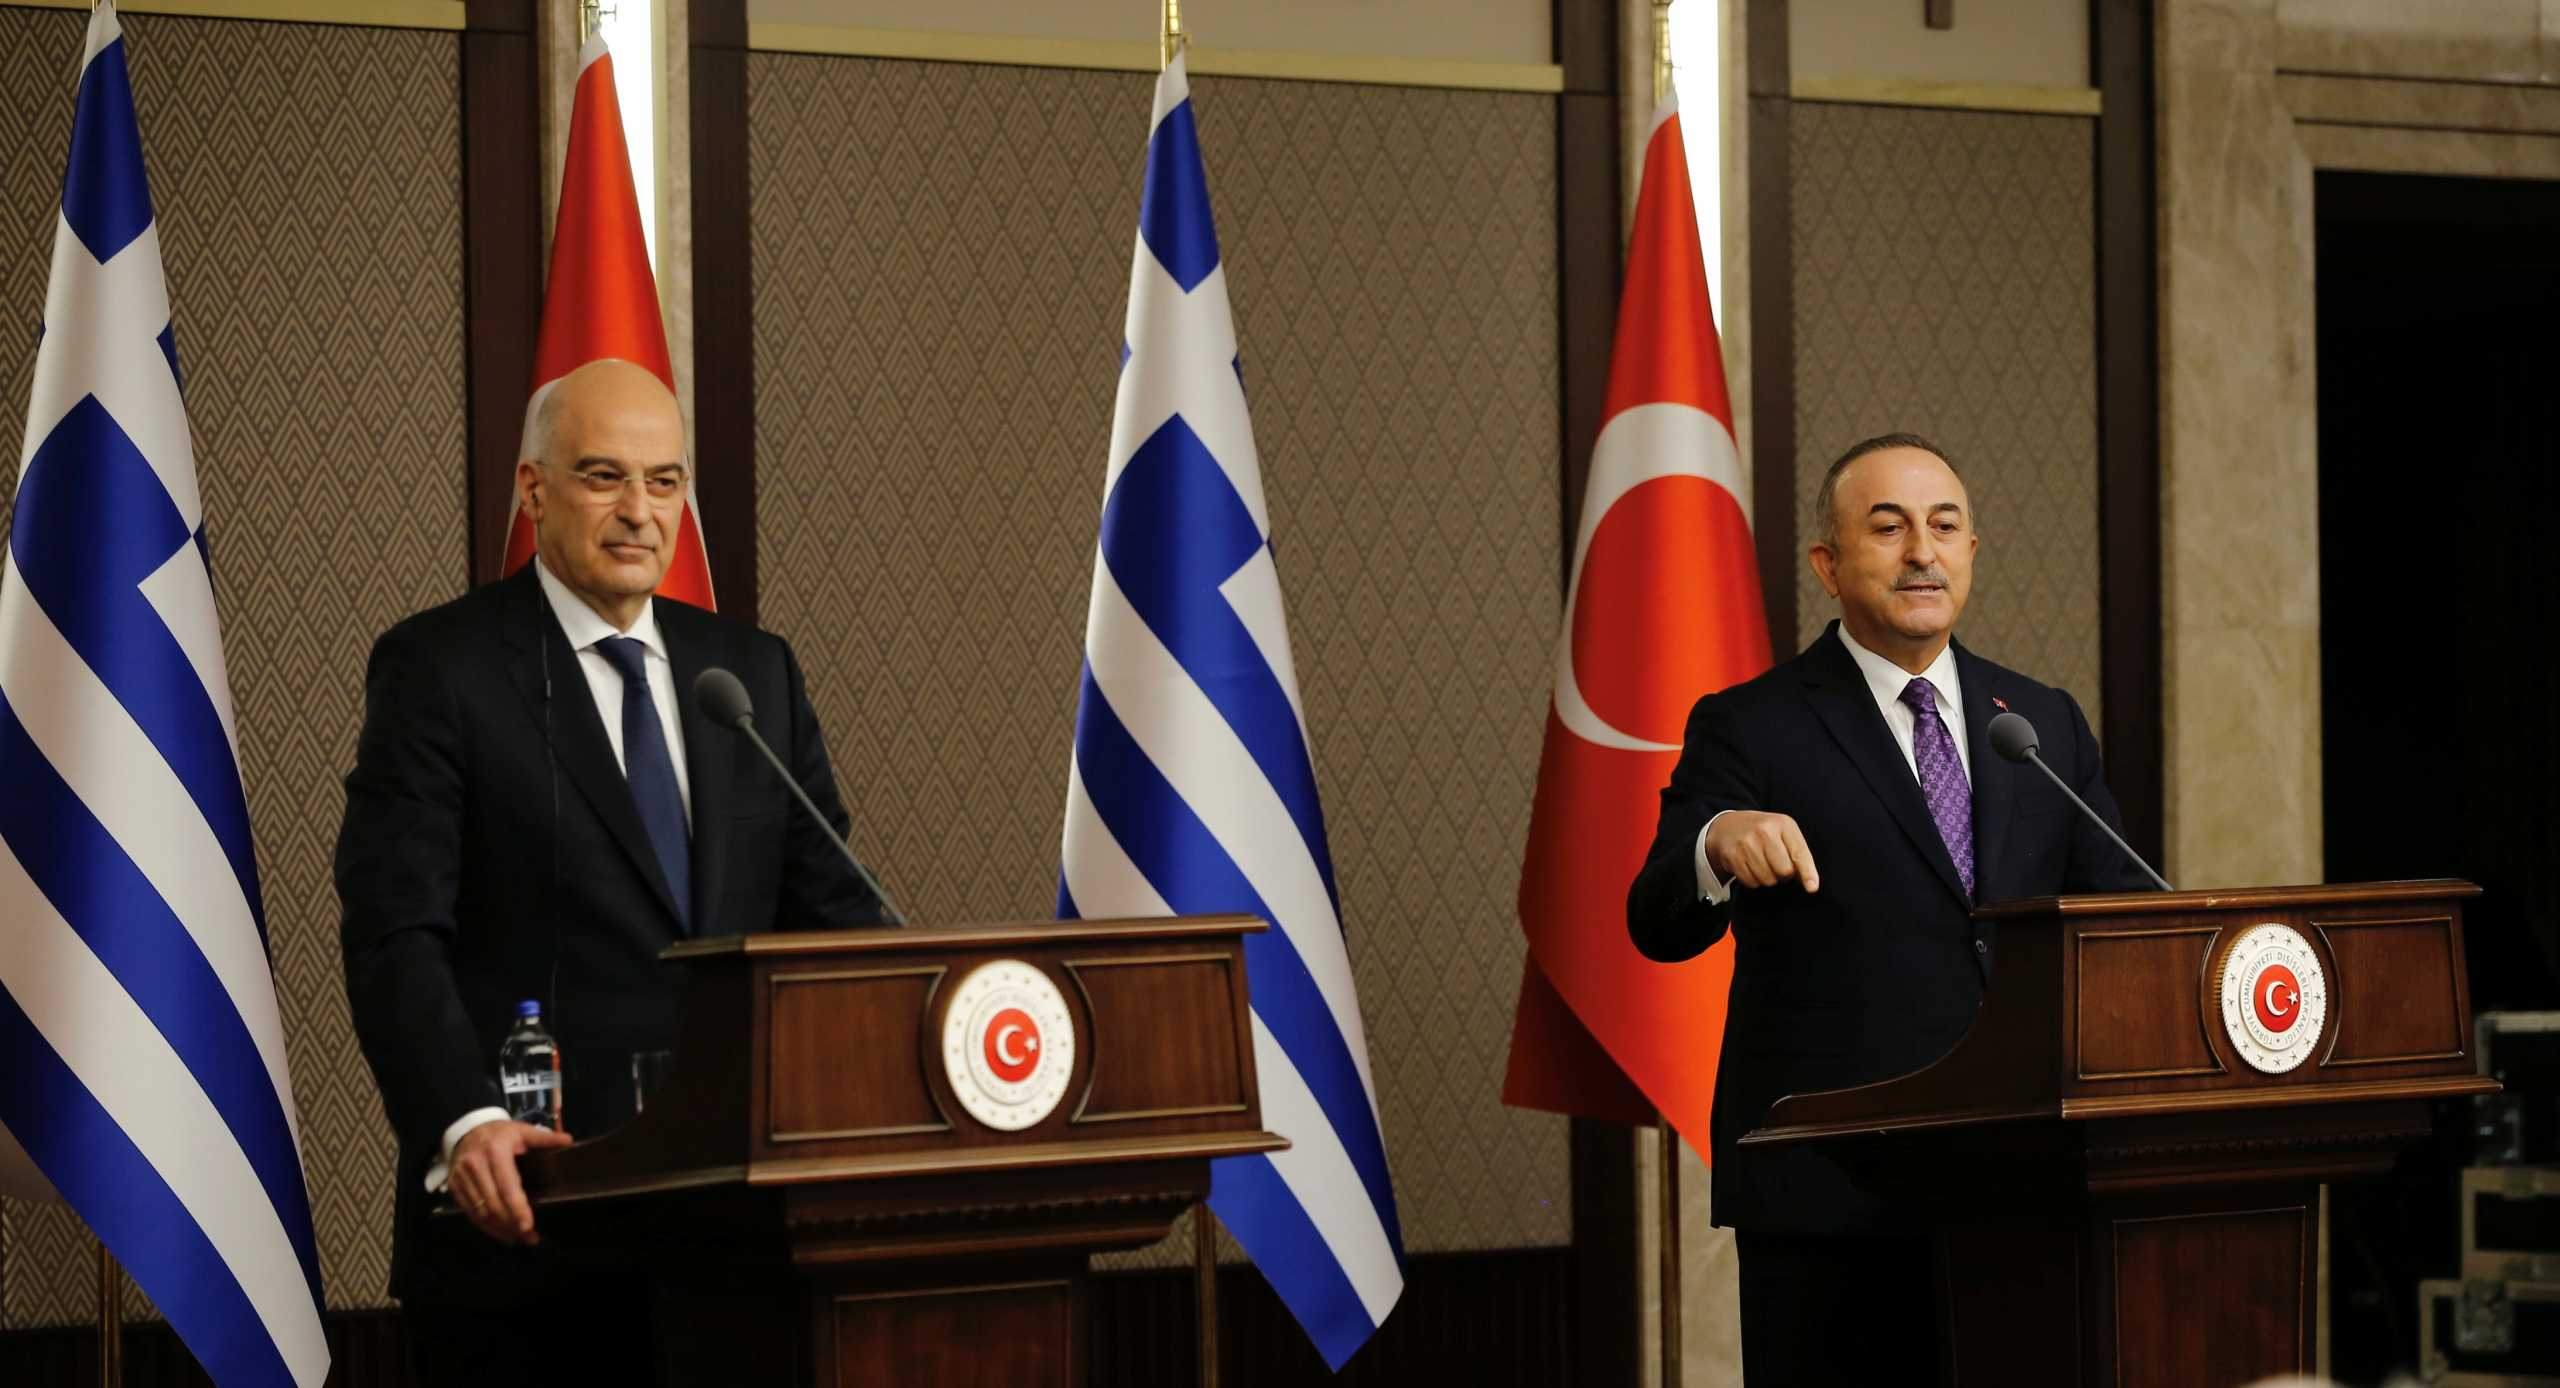 Δένδιας για ελληνοτουρκικά: Η κυβέρνηση έχει στρατηγική και δεν κάνει εκπτώσεις στο Διεθνές Δίκαιο